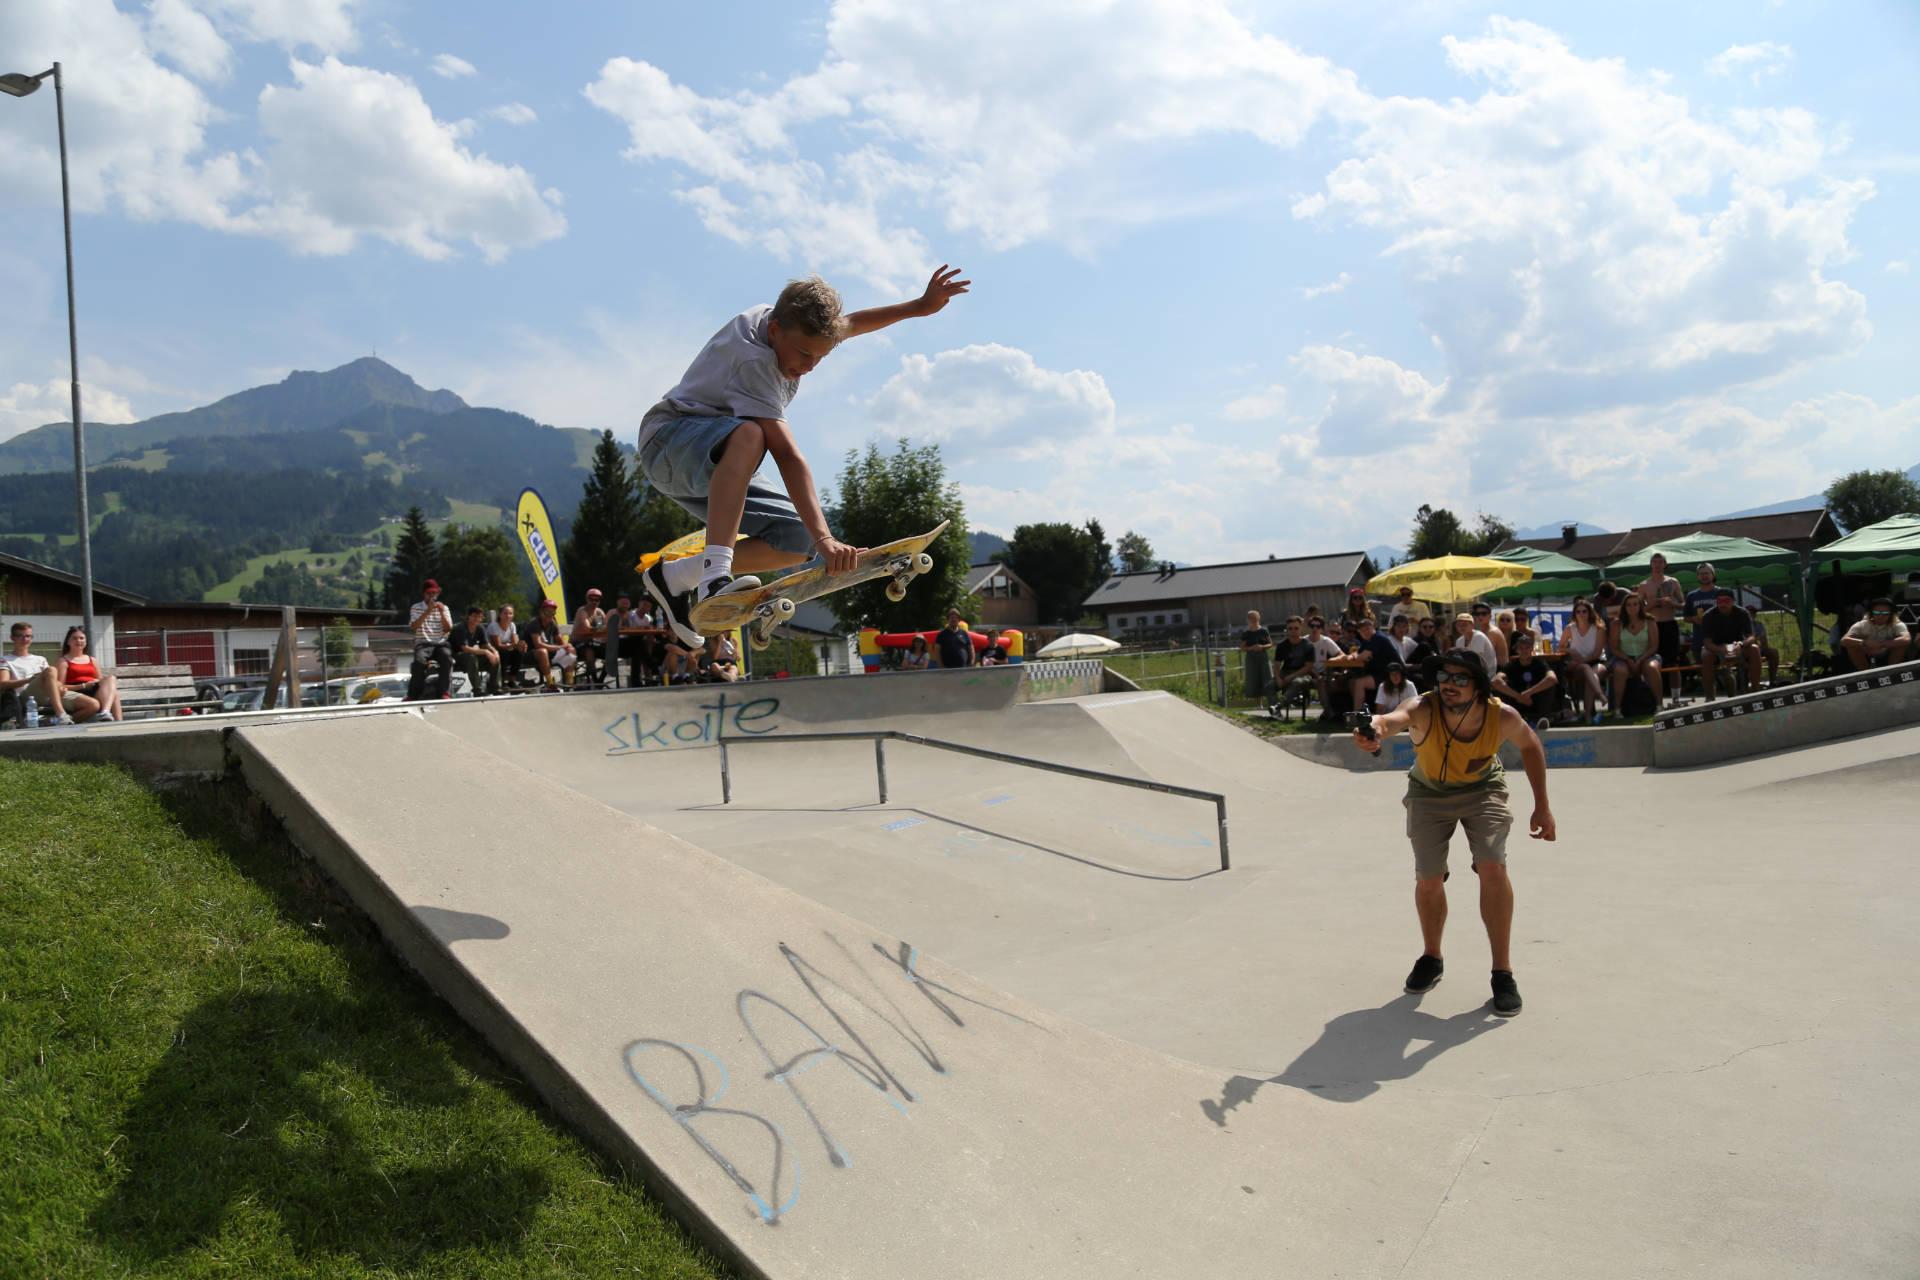 skateboardheadz st johann in tirol kgt 2019 finale 00141